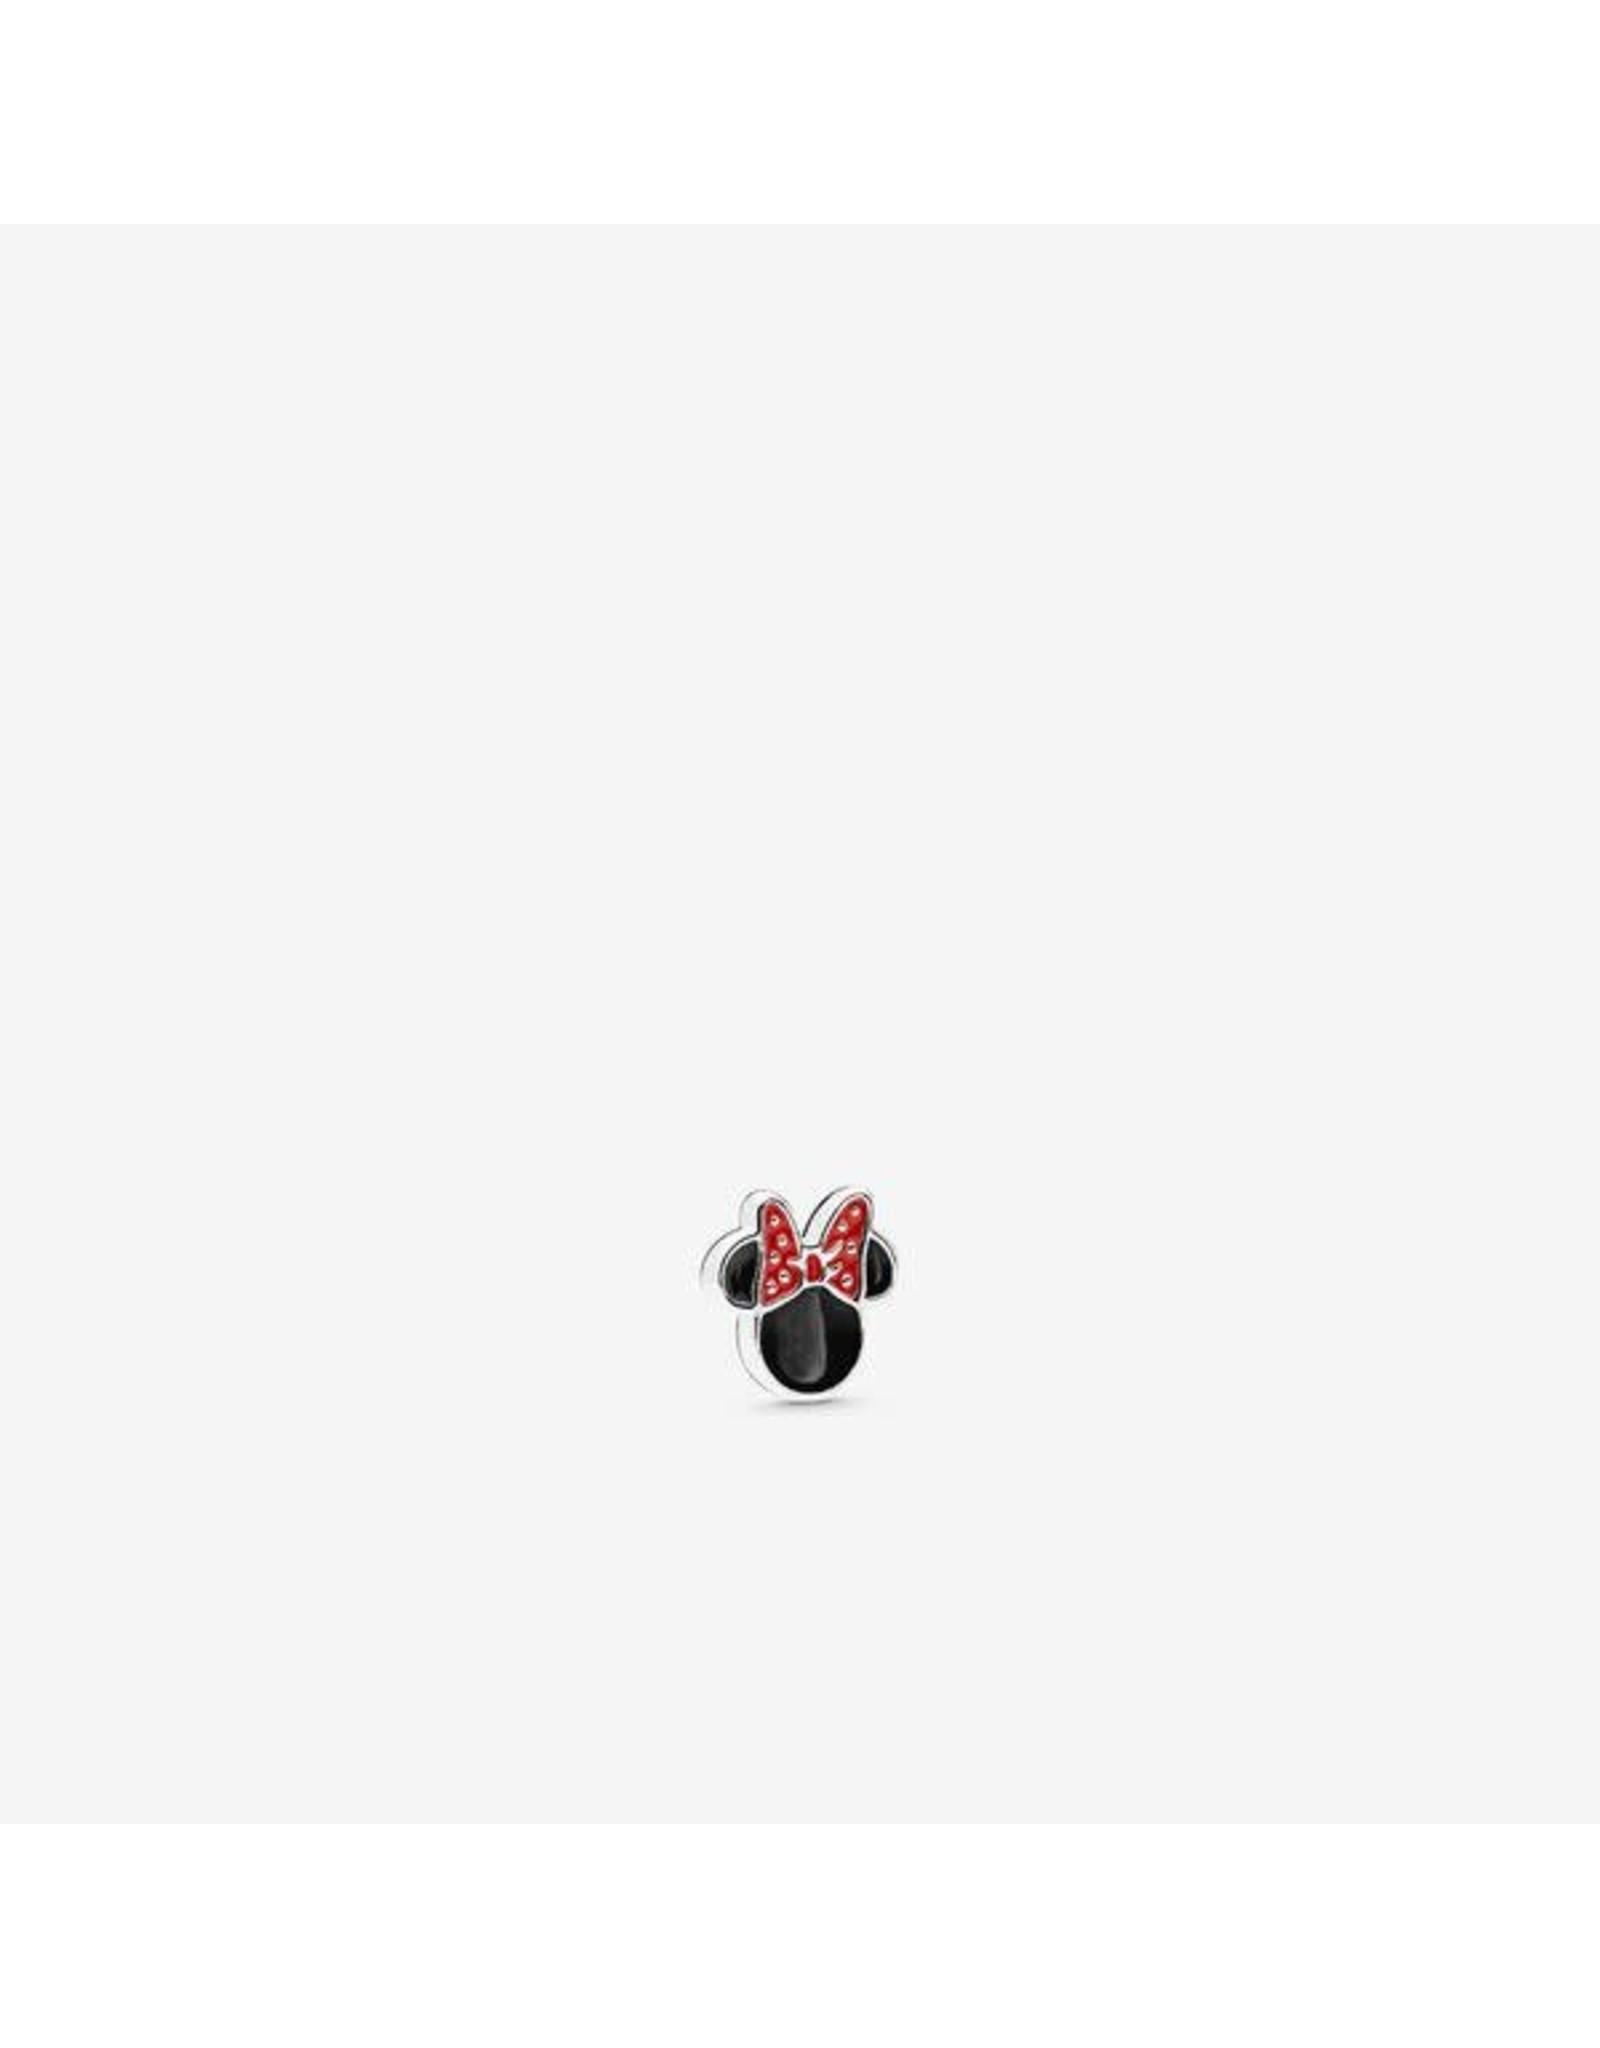 Pandora Pandora Charm Petite, Disney Minnie Silhouette